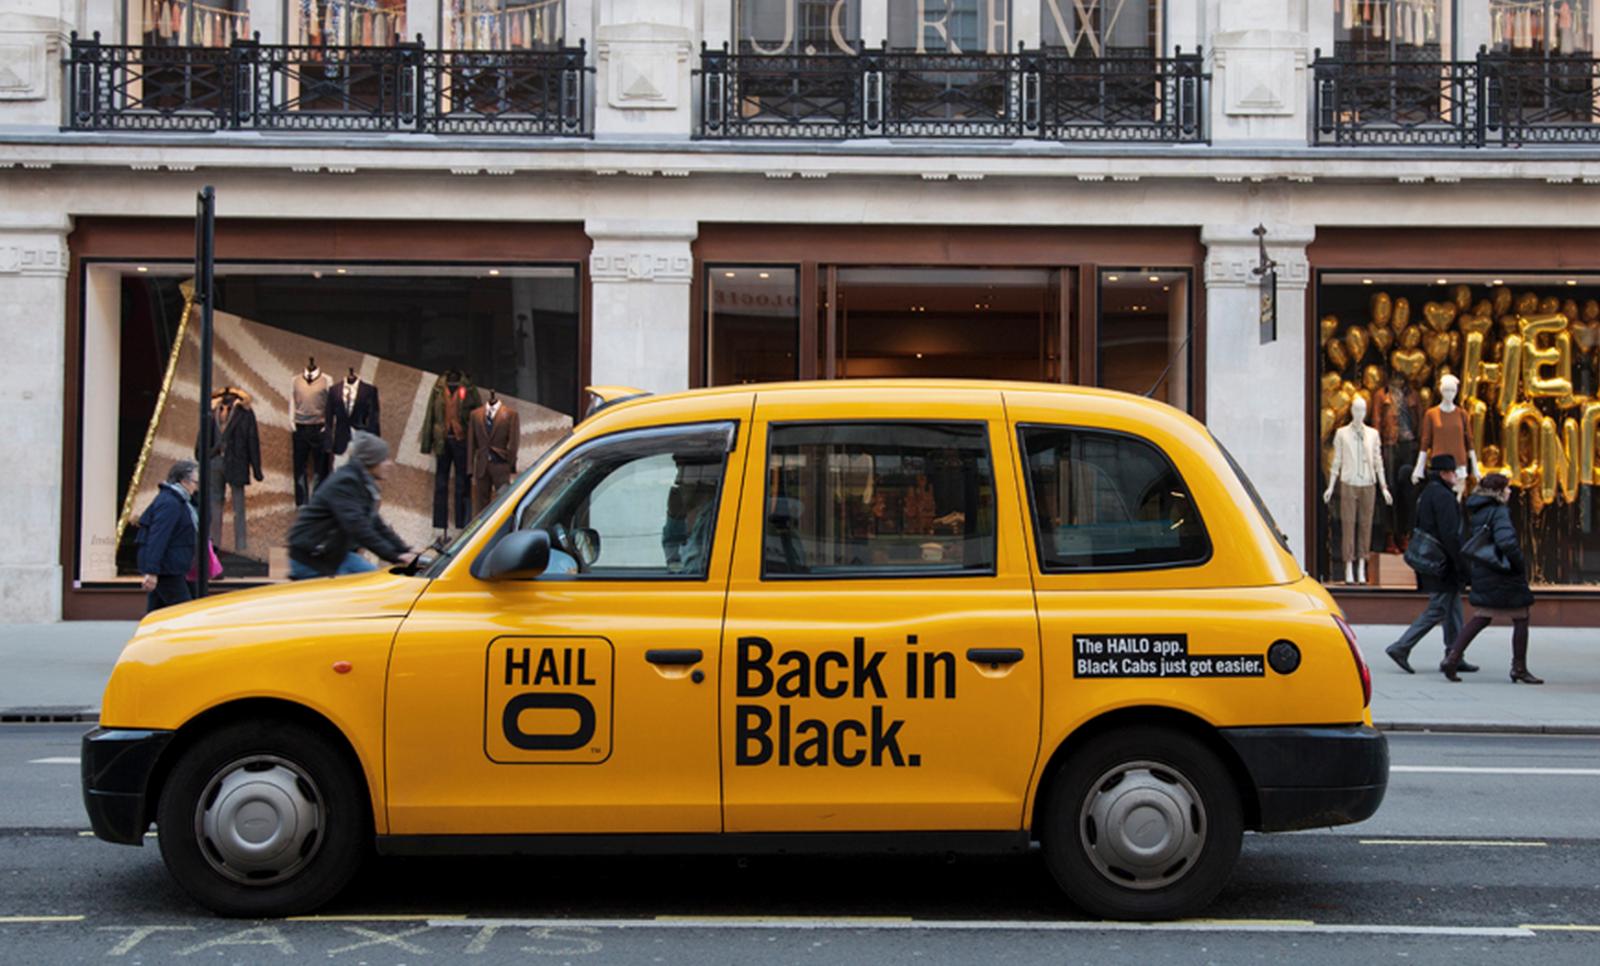 Hailo cab